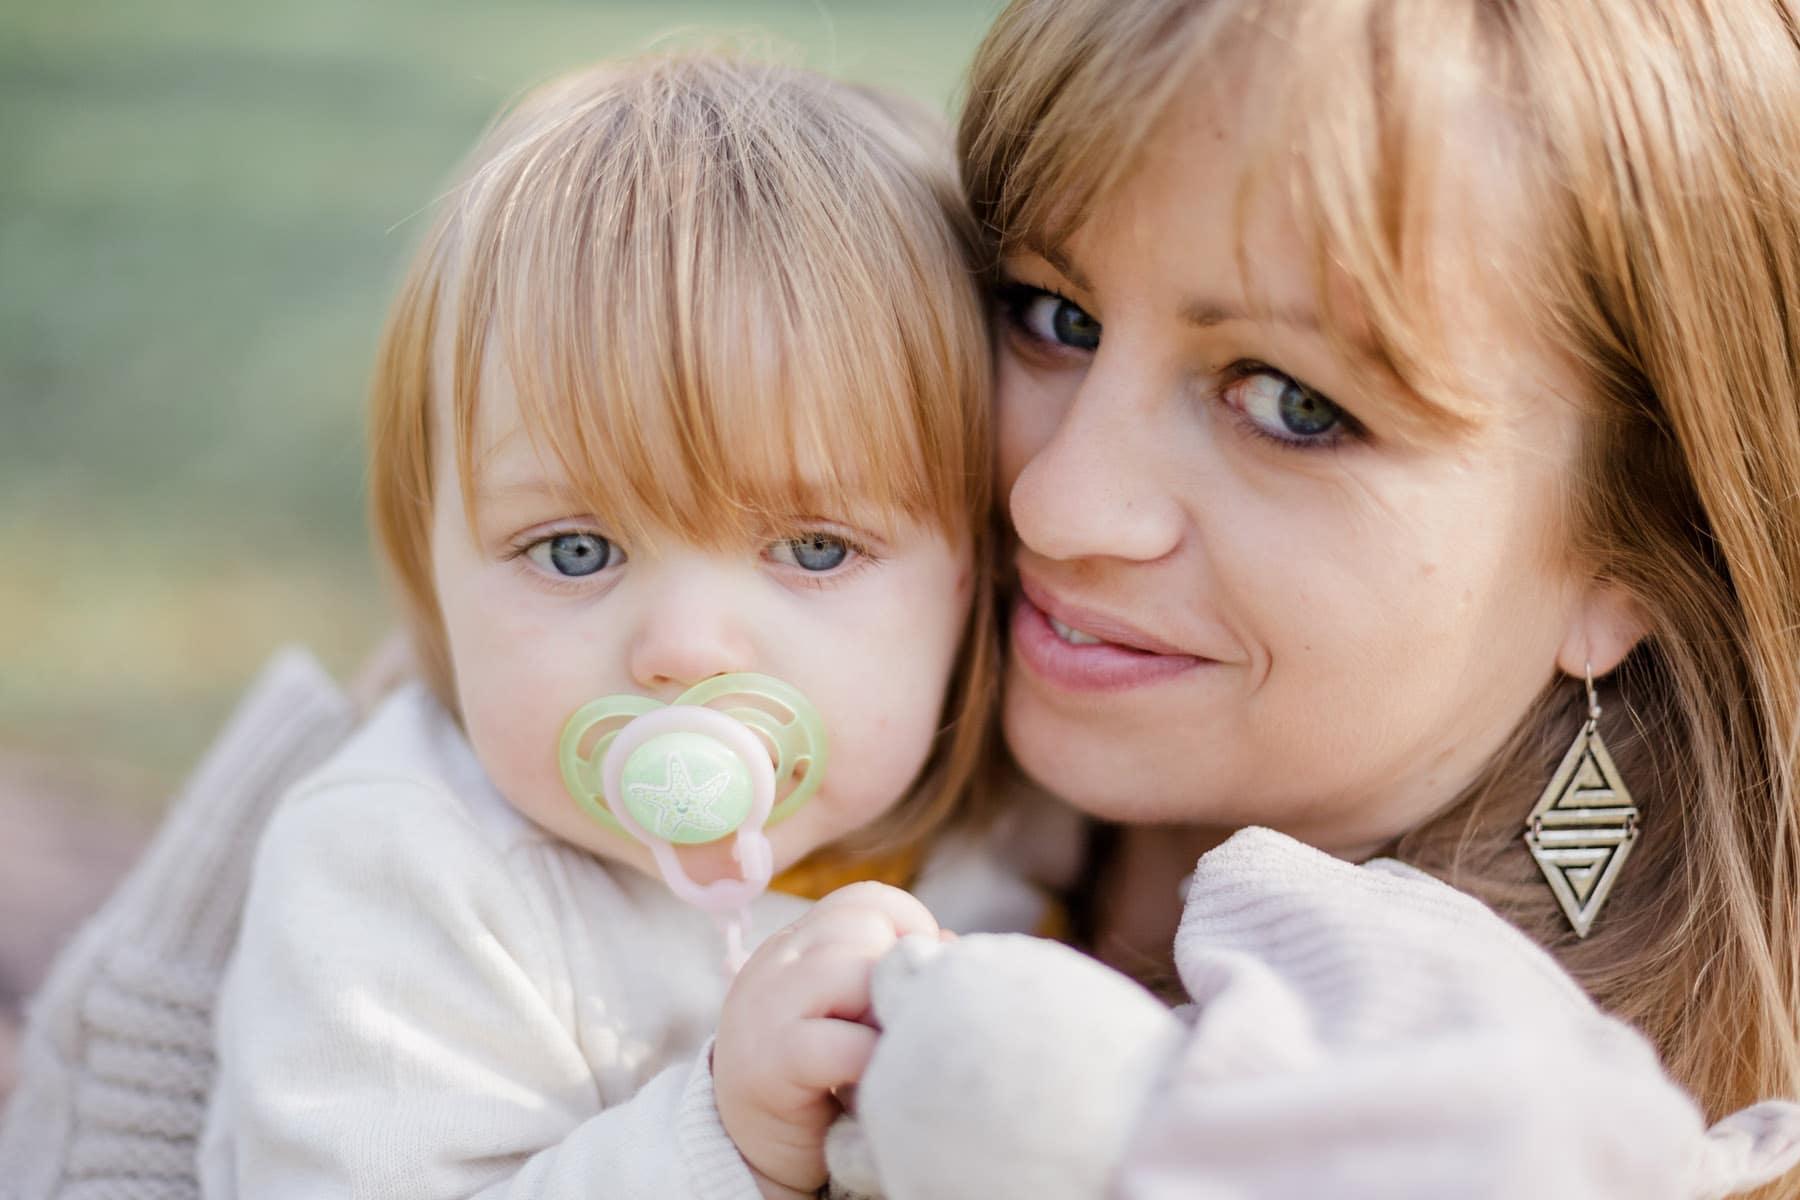 photographe famille enfants bebe bordeaux parc lifestyle fineart francais sarah miramon alexie alicia adrian 12